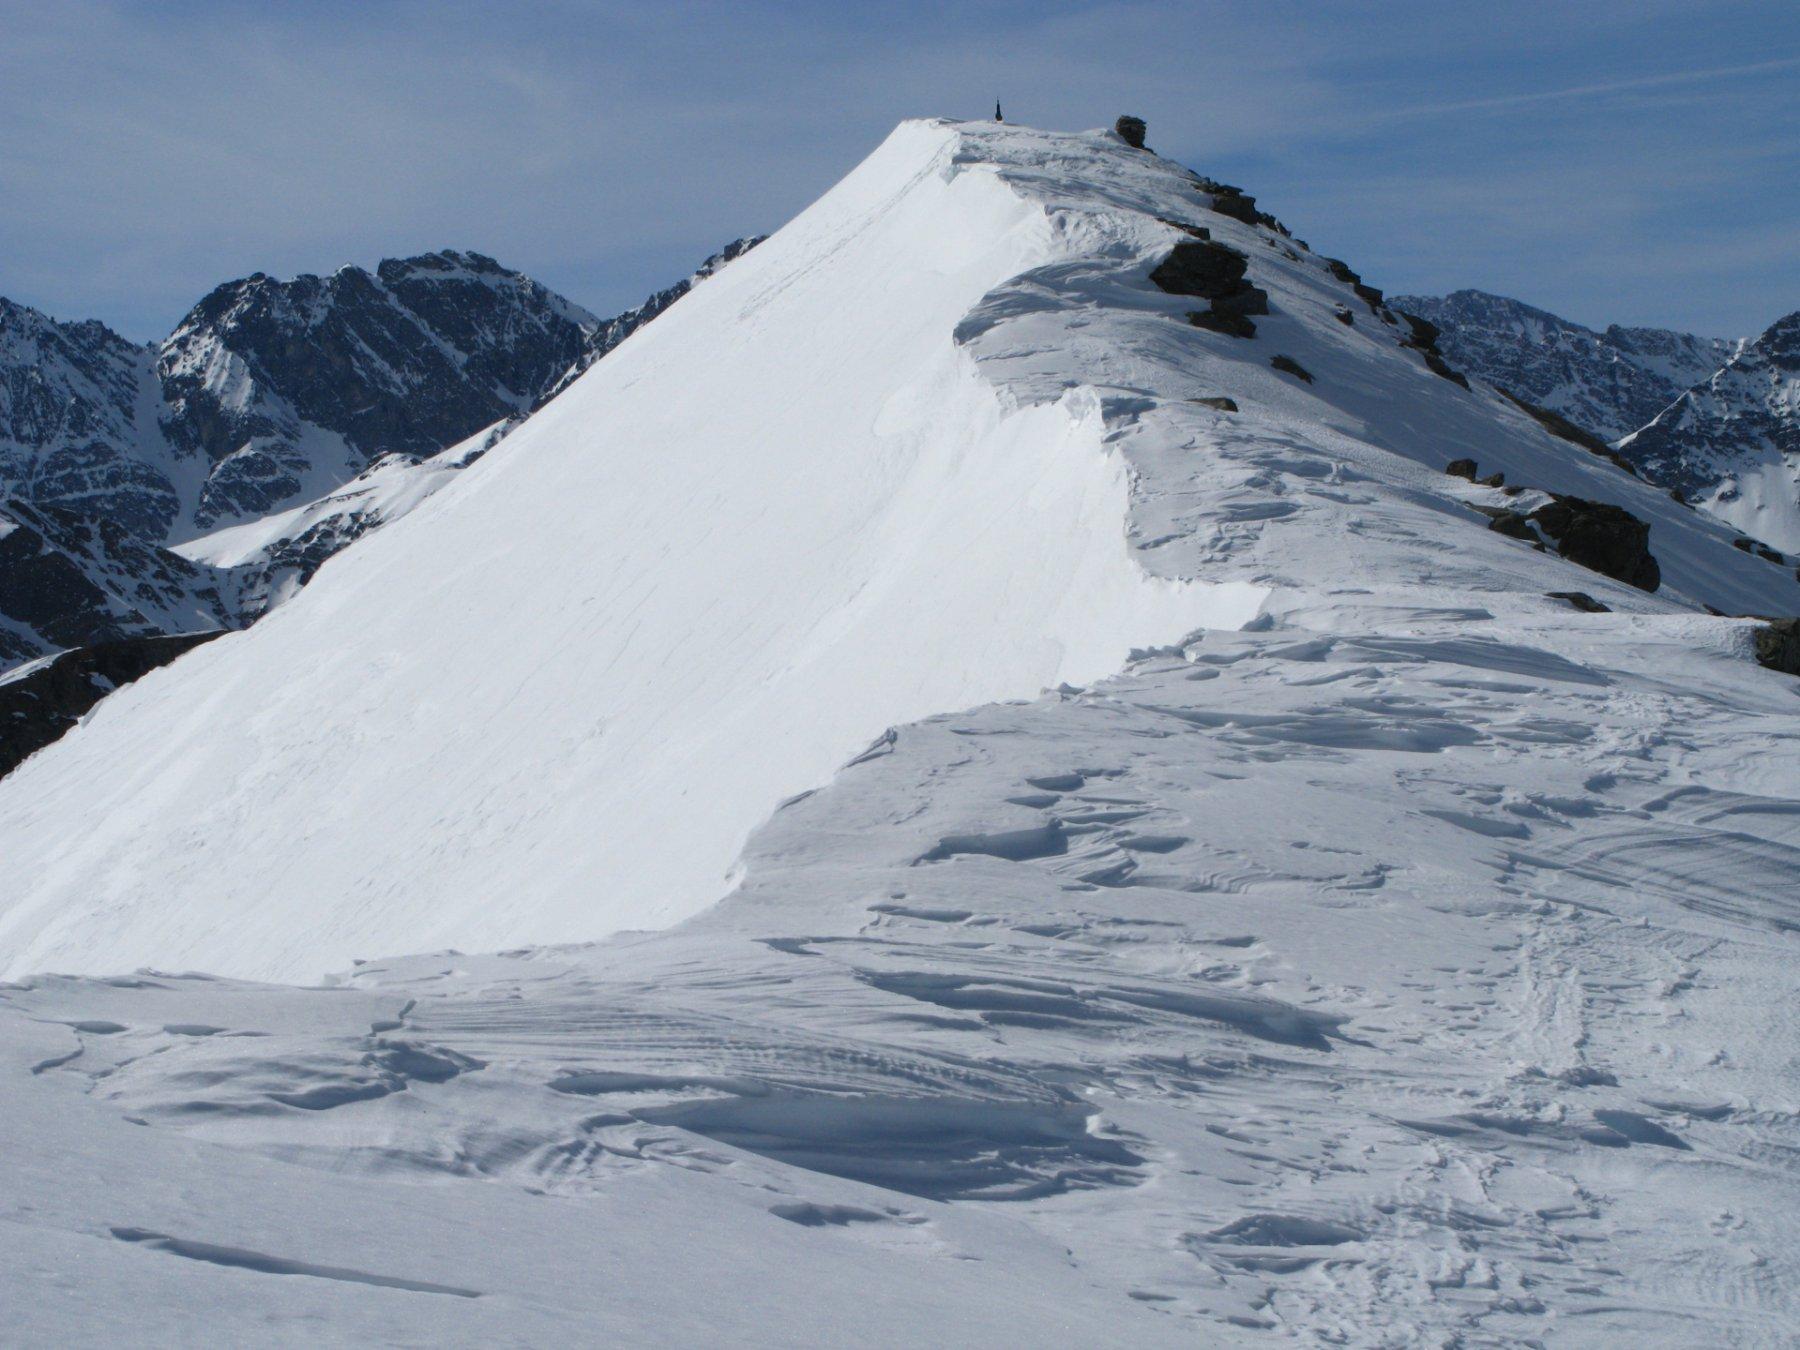 ultimi metri di cresta prima di raggiungere la cima